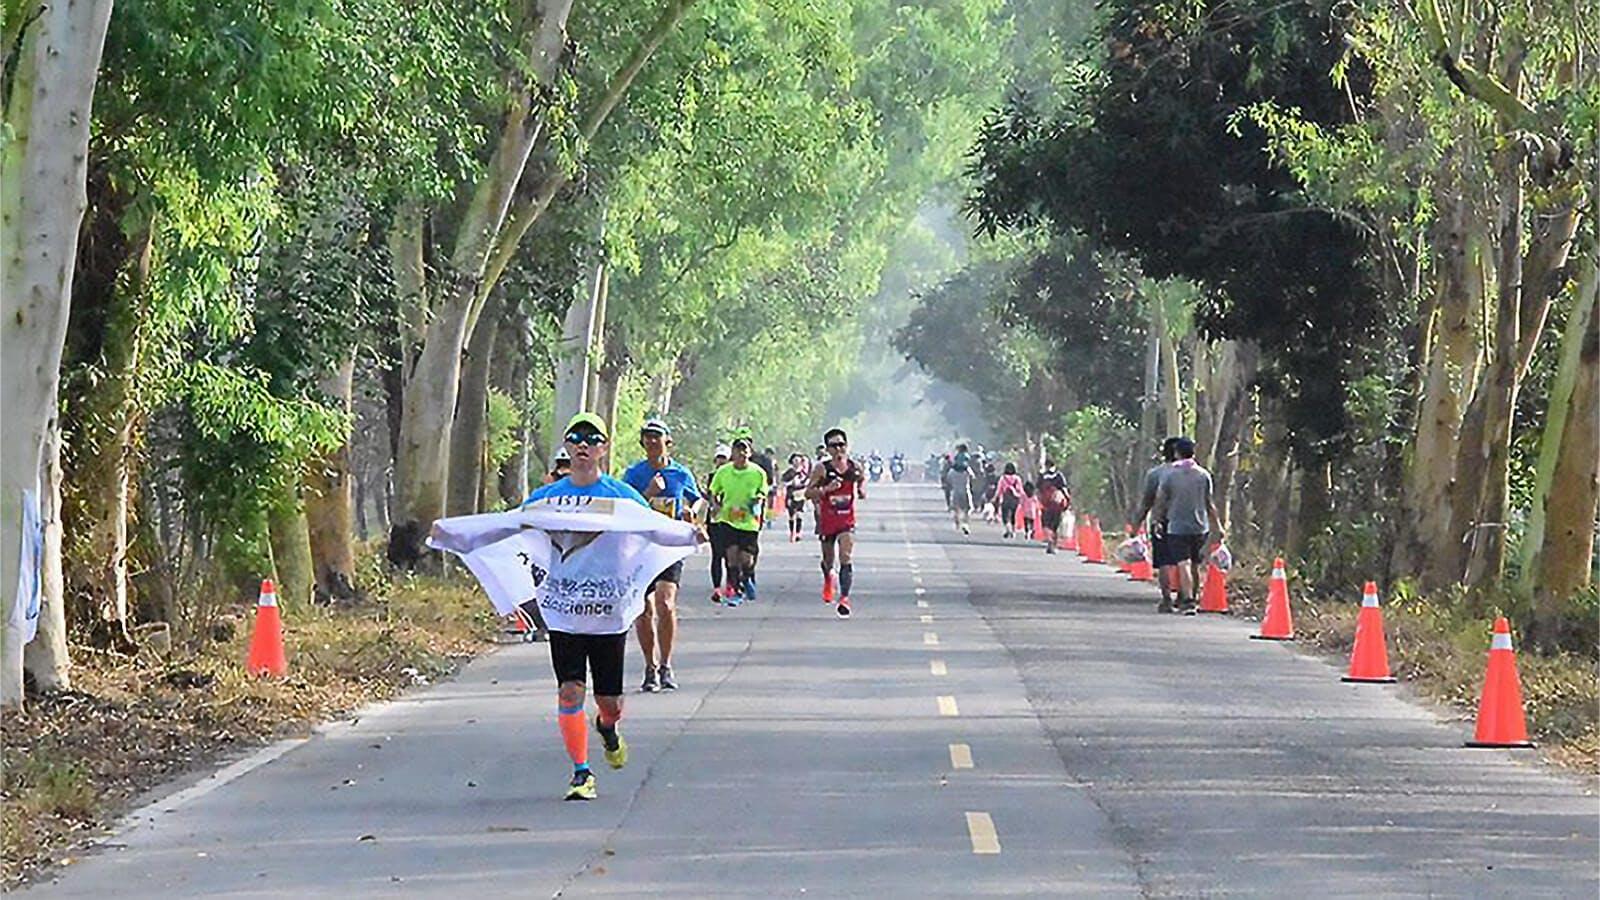 [自由时报]大江生医赞助 屏东红藜马拉松开跑